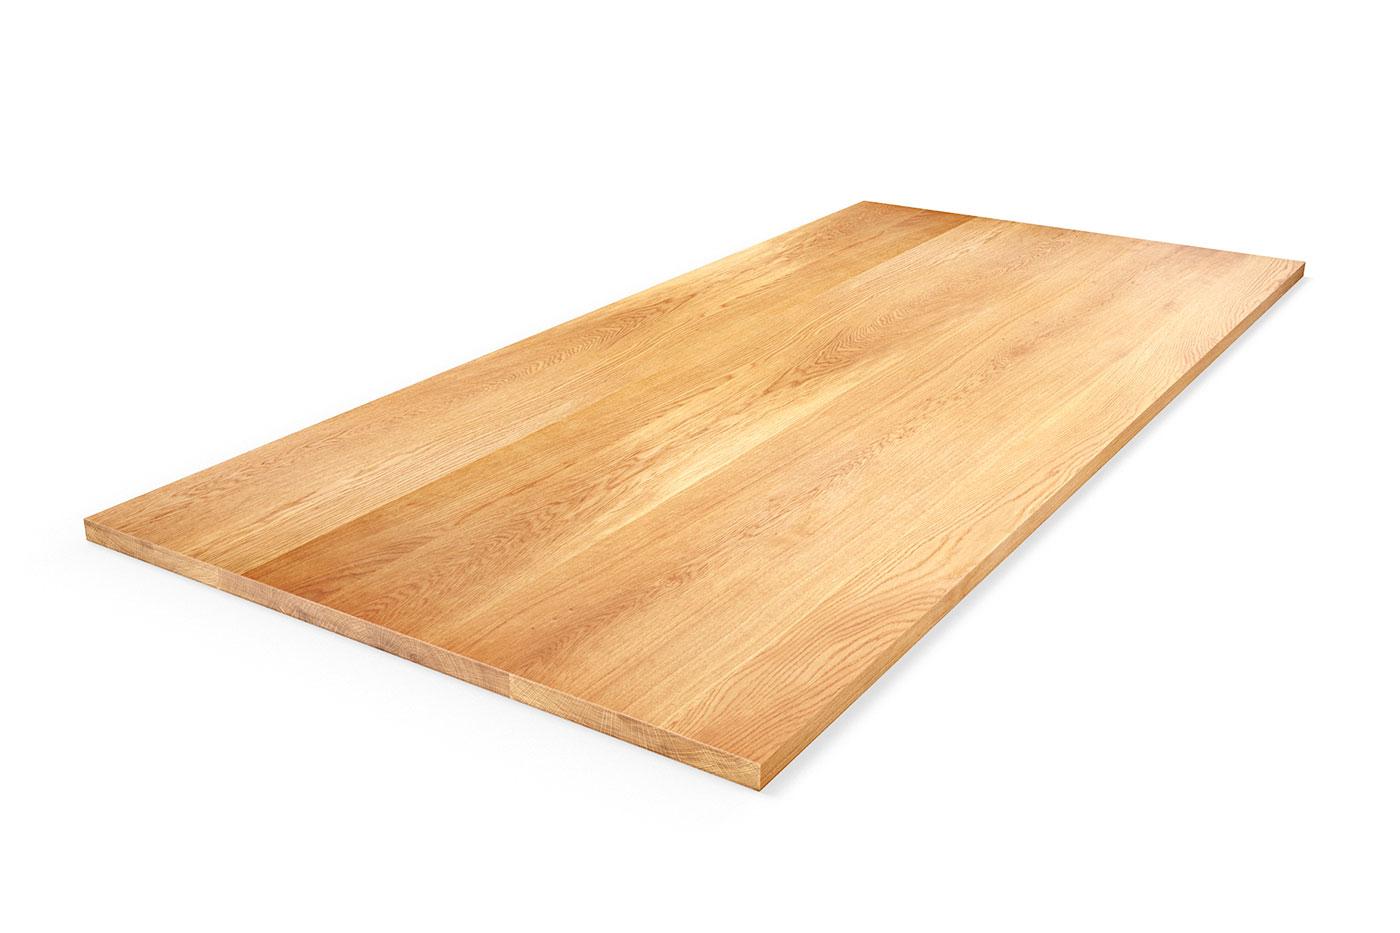 Eiche Echtholz Tischplatte nach Maß